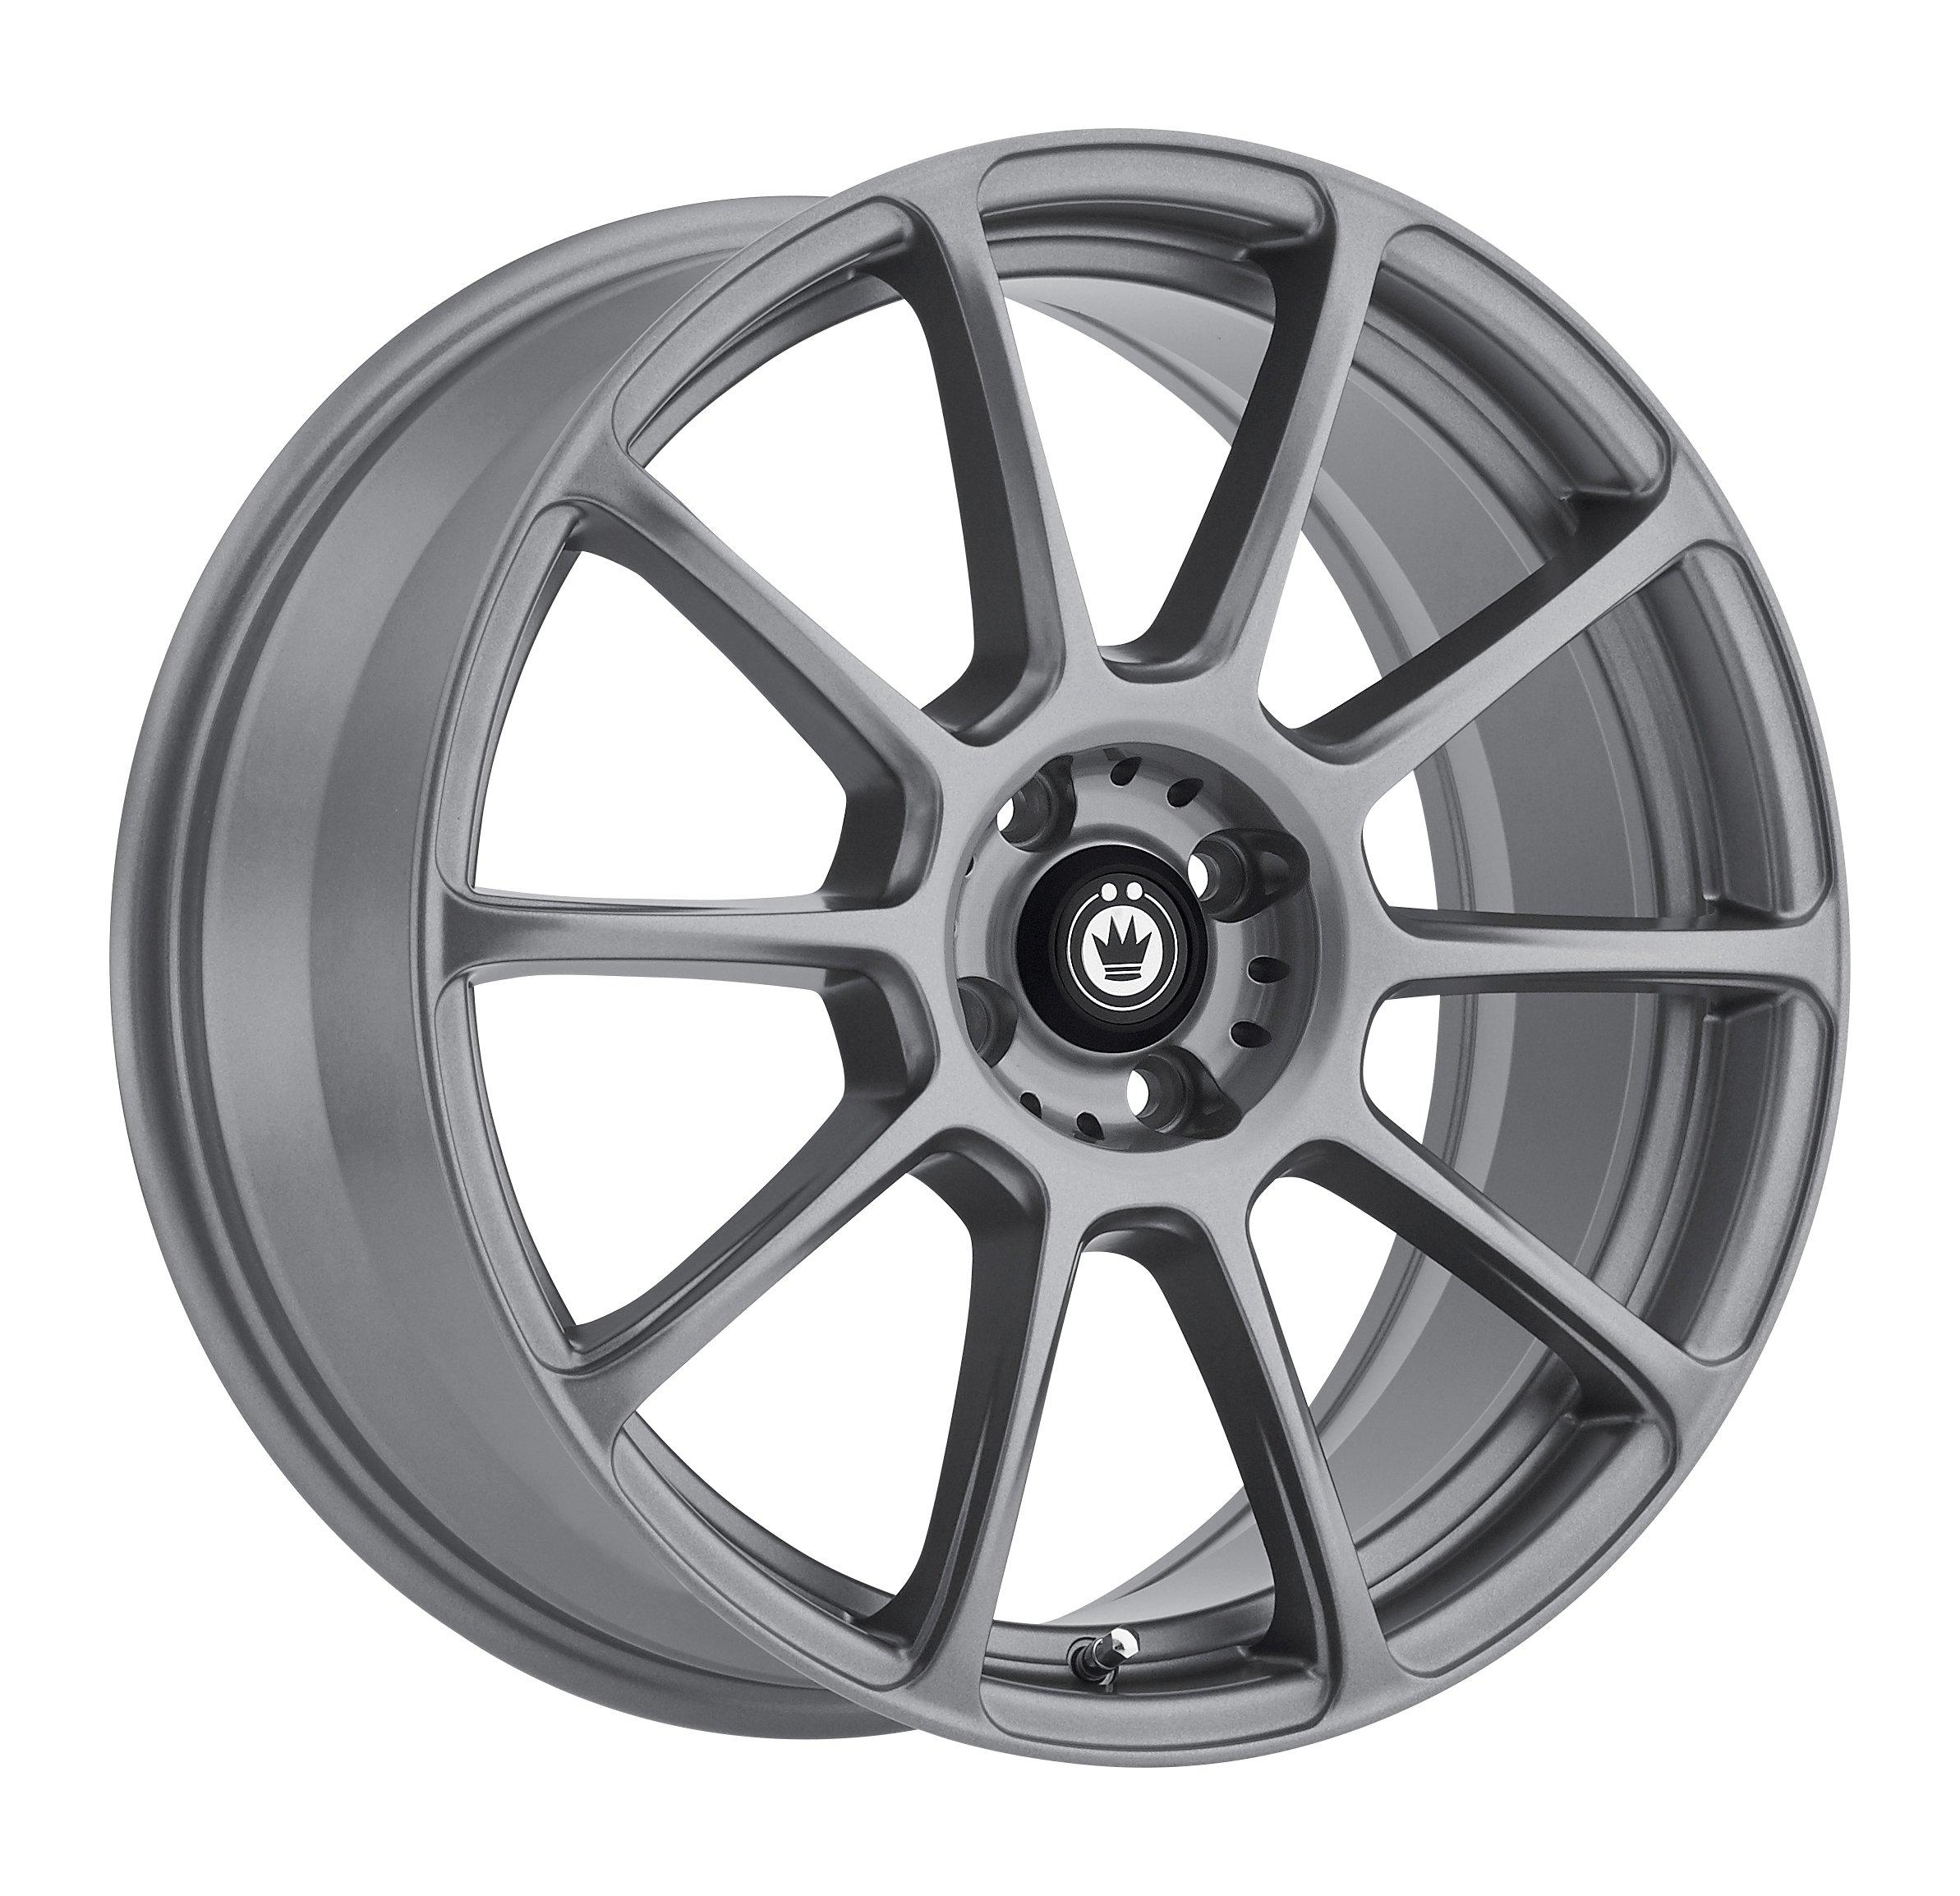 Konig RUNLITE Matte Grey Wheel (17x7.5''/4x100mm, +45mm offset)